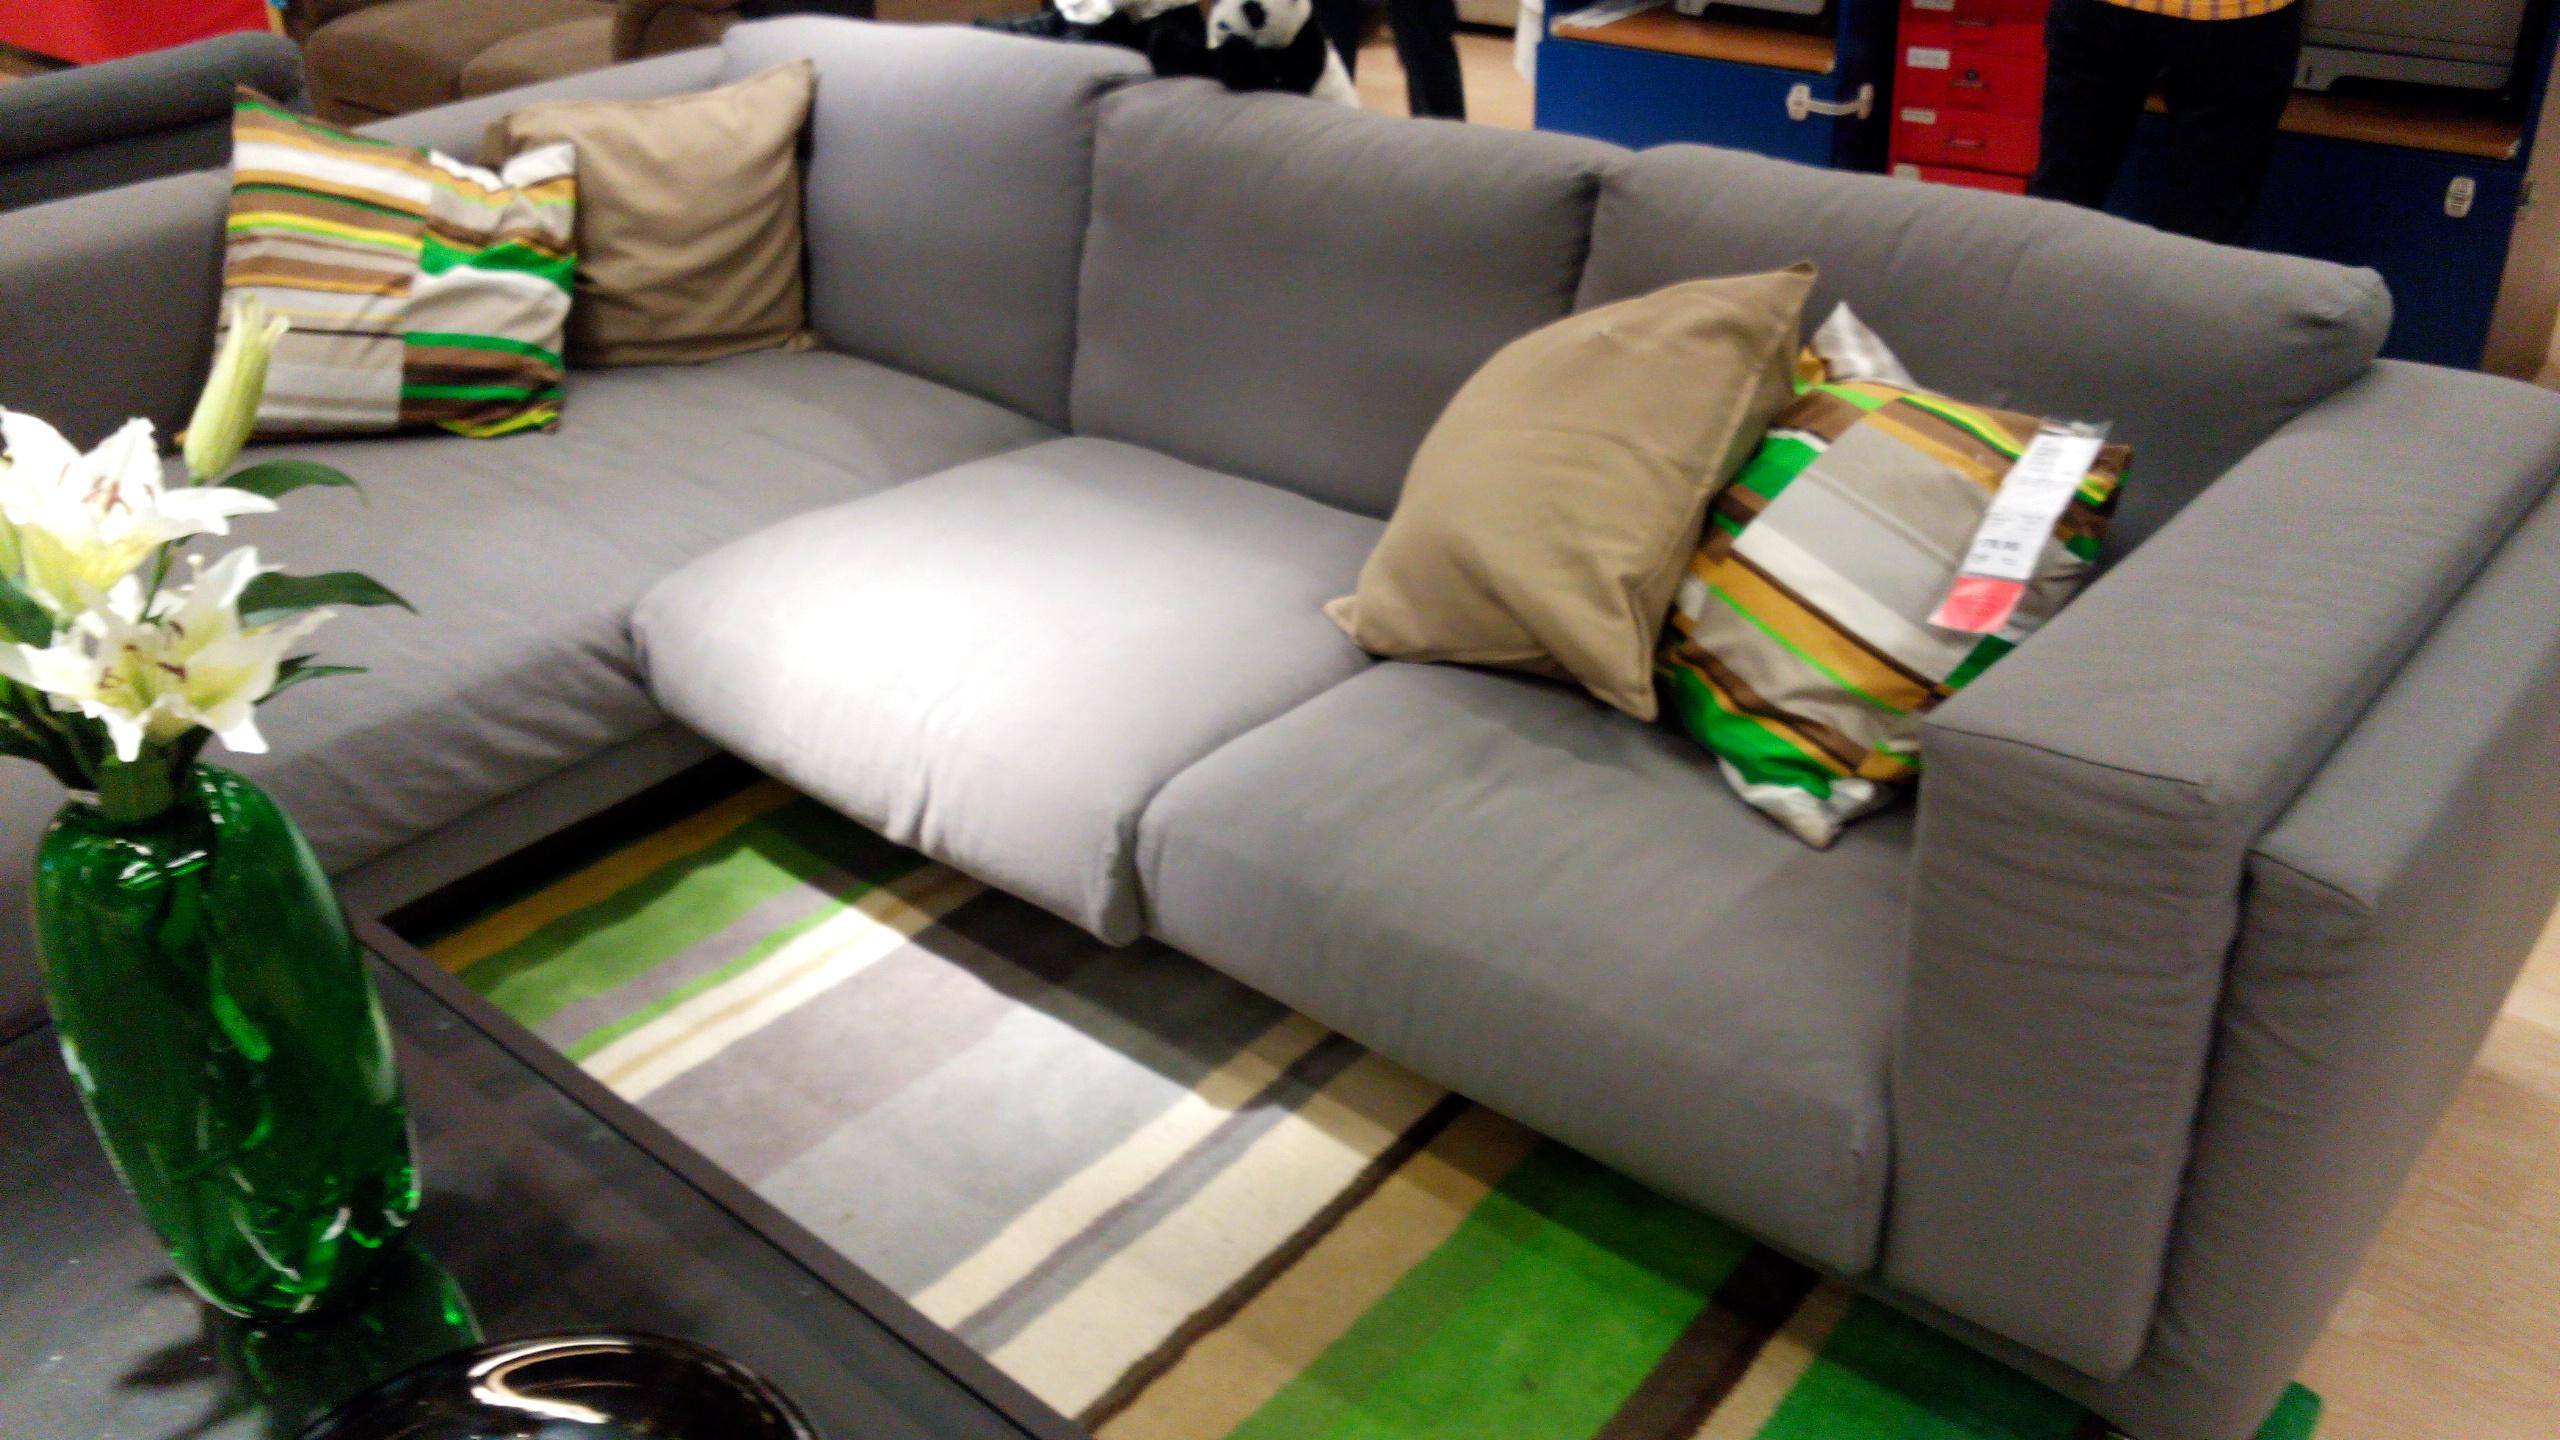 Cuscino Alla Francese Ikea divano ikea nockeby recensione - nuove collezioni di divani